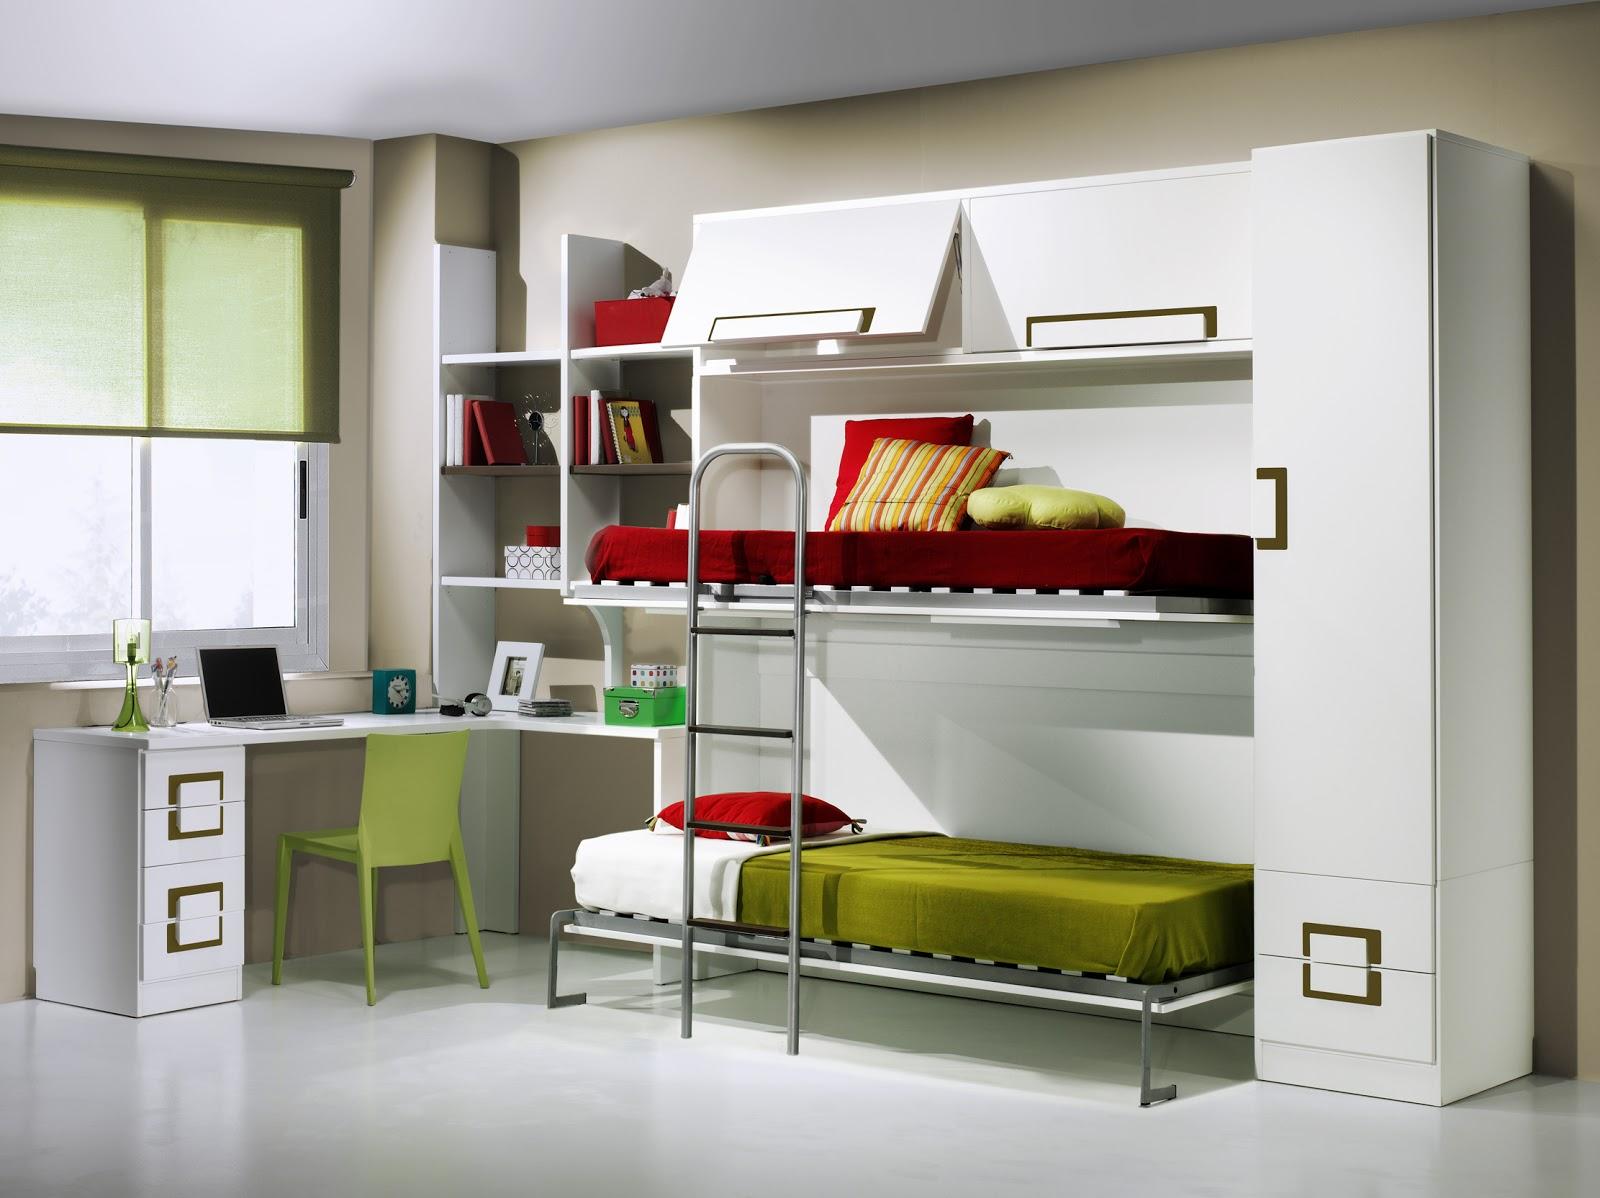 Muebles Para Espacio Reducido Cool Los Muebles A Medida Son